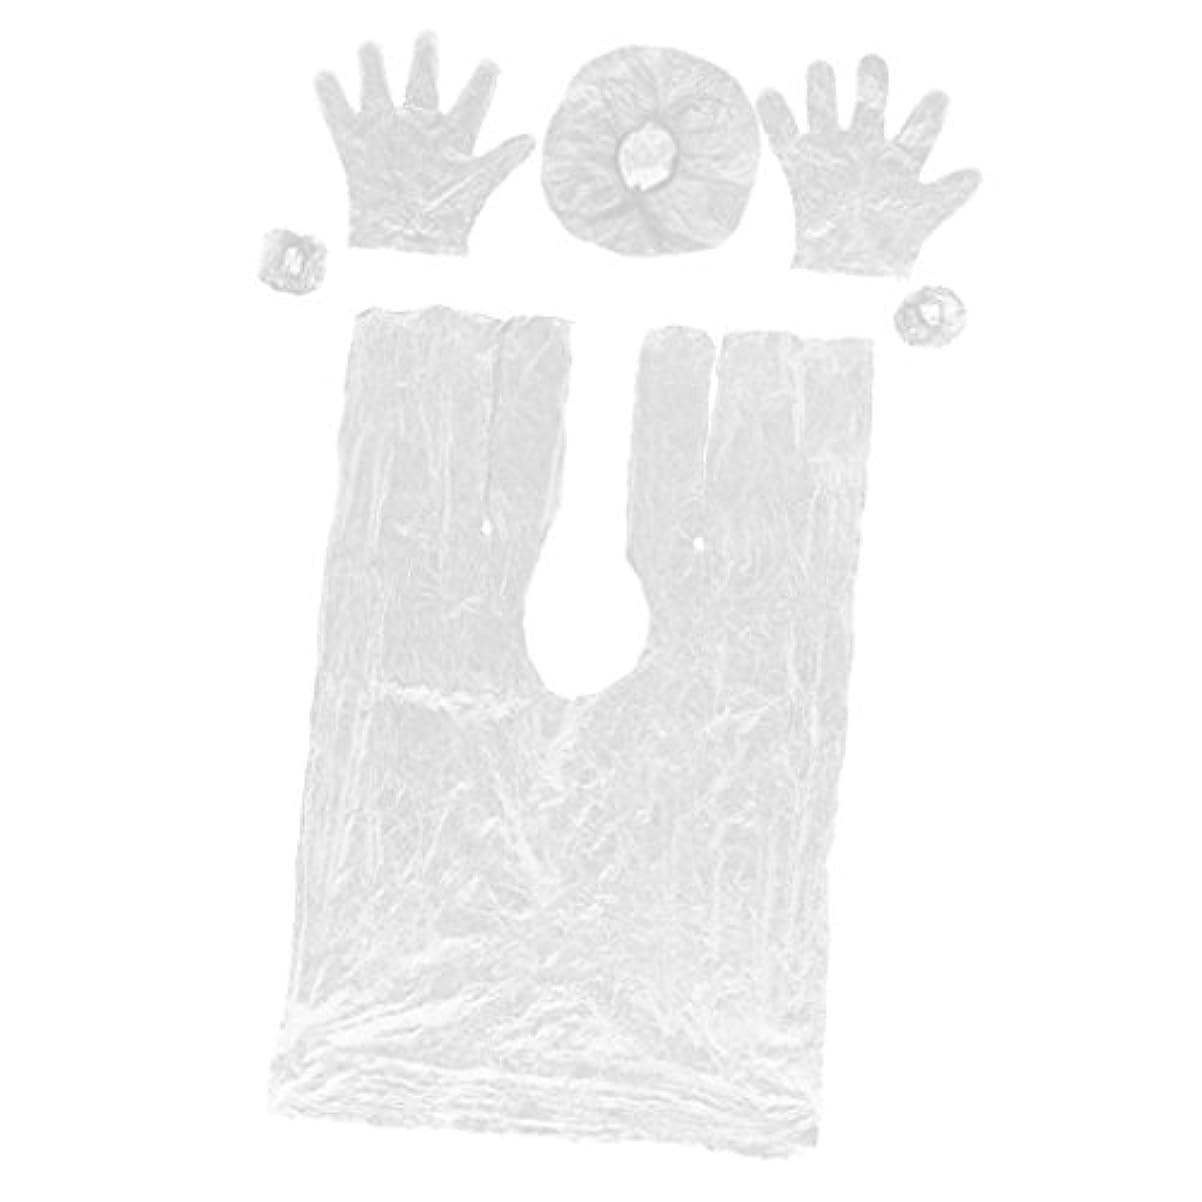 体系的にストライプ深さToygogo ツール弾性キャップ、理髪ガウンケープショール、手袋、イヤーキャップイヤーマフセットを使用した使い捨てスパヘアサロンカラー染料キットの着色